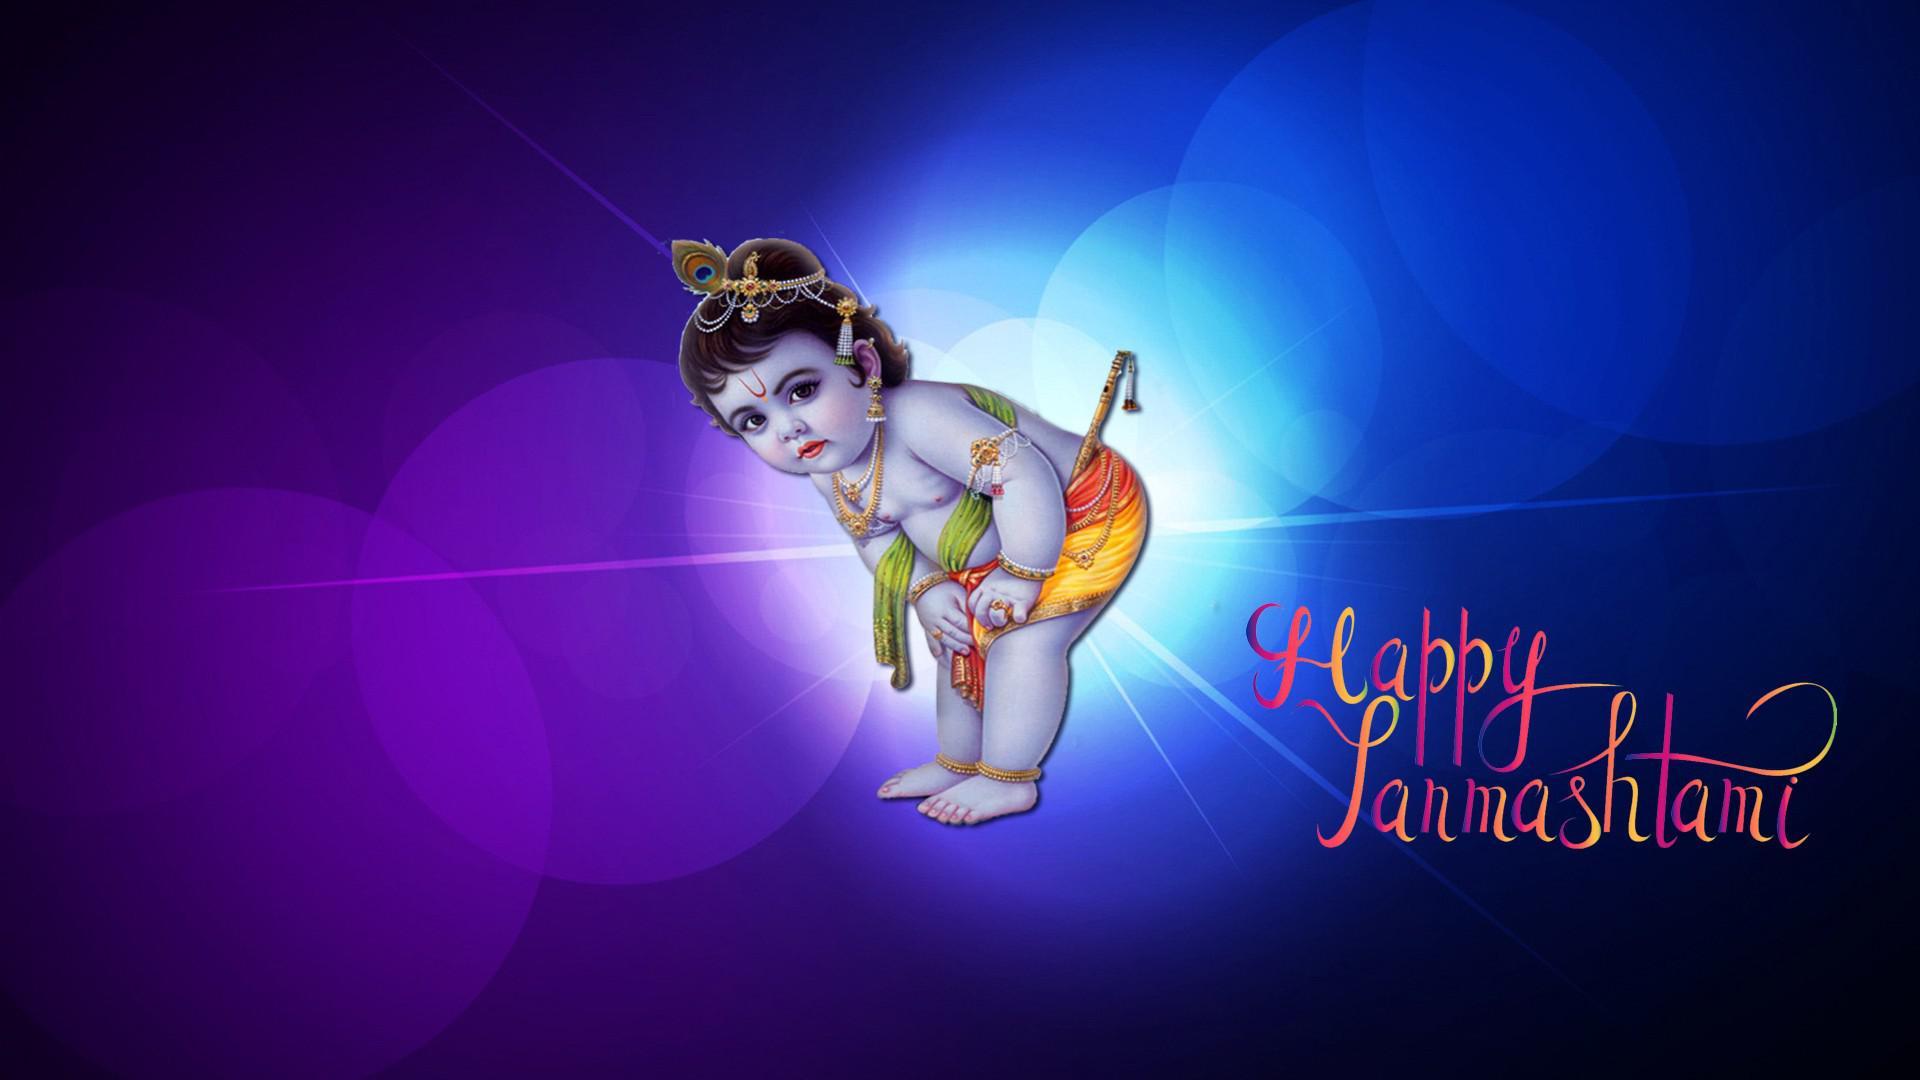 Wish U All Happy Janmashtami With Lord Krishna And Meera HD